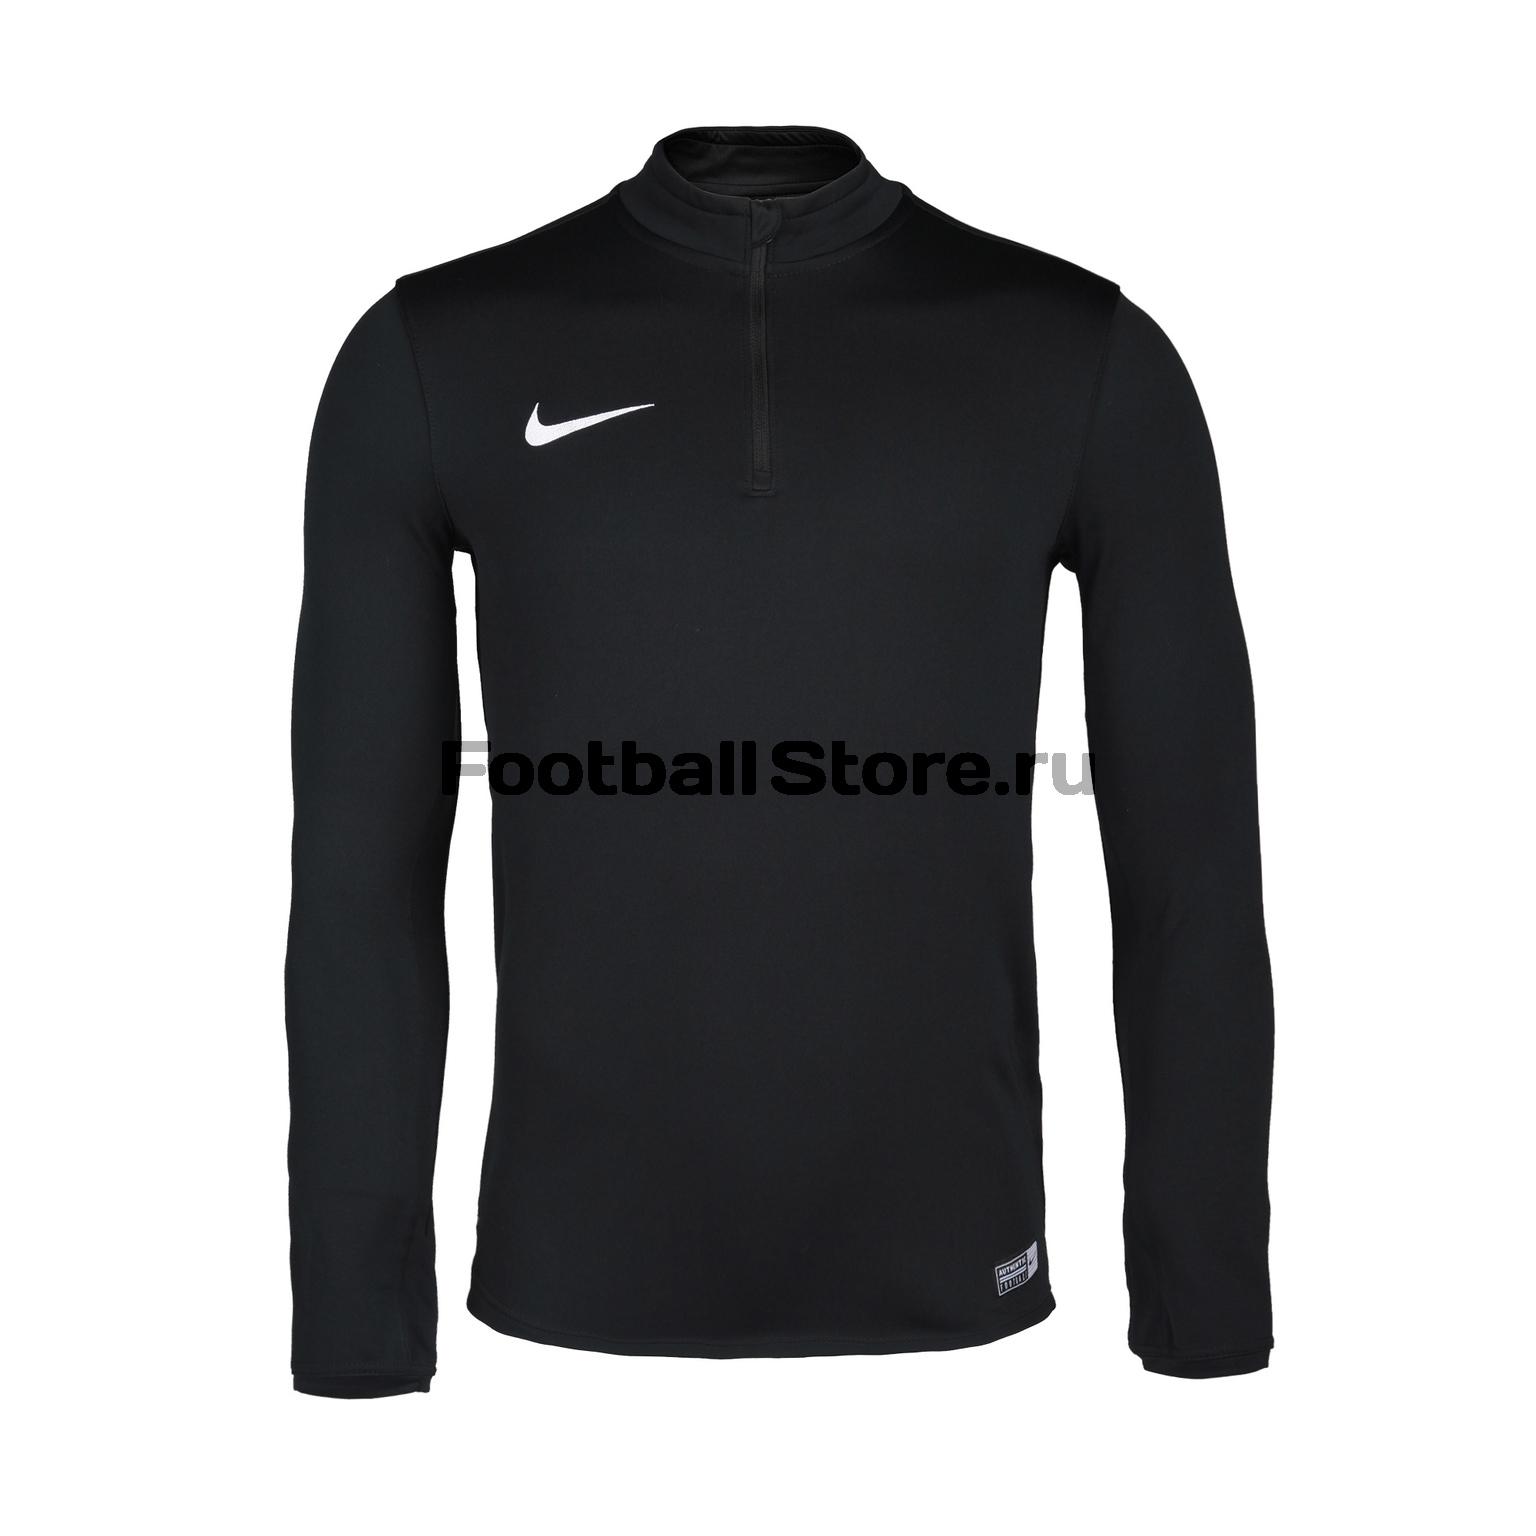 c894833d Свитер тренировочный Nike Academy 16 Midlayer Top 725930-010 – купить в  интернет магазине footballstore, цена, фото